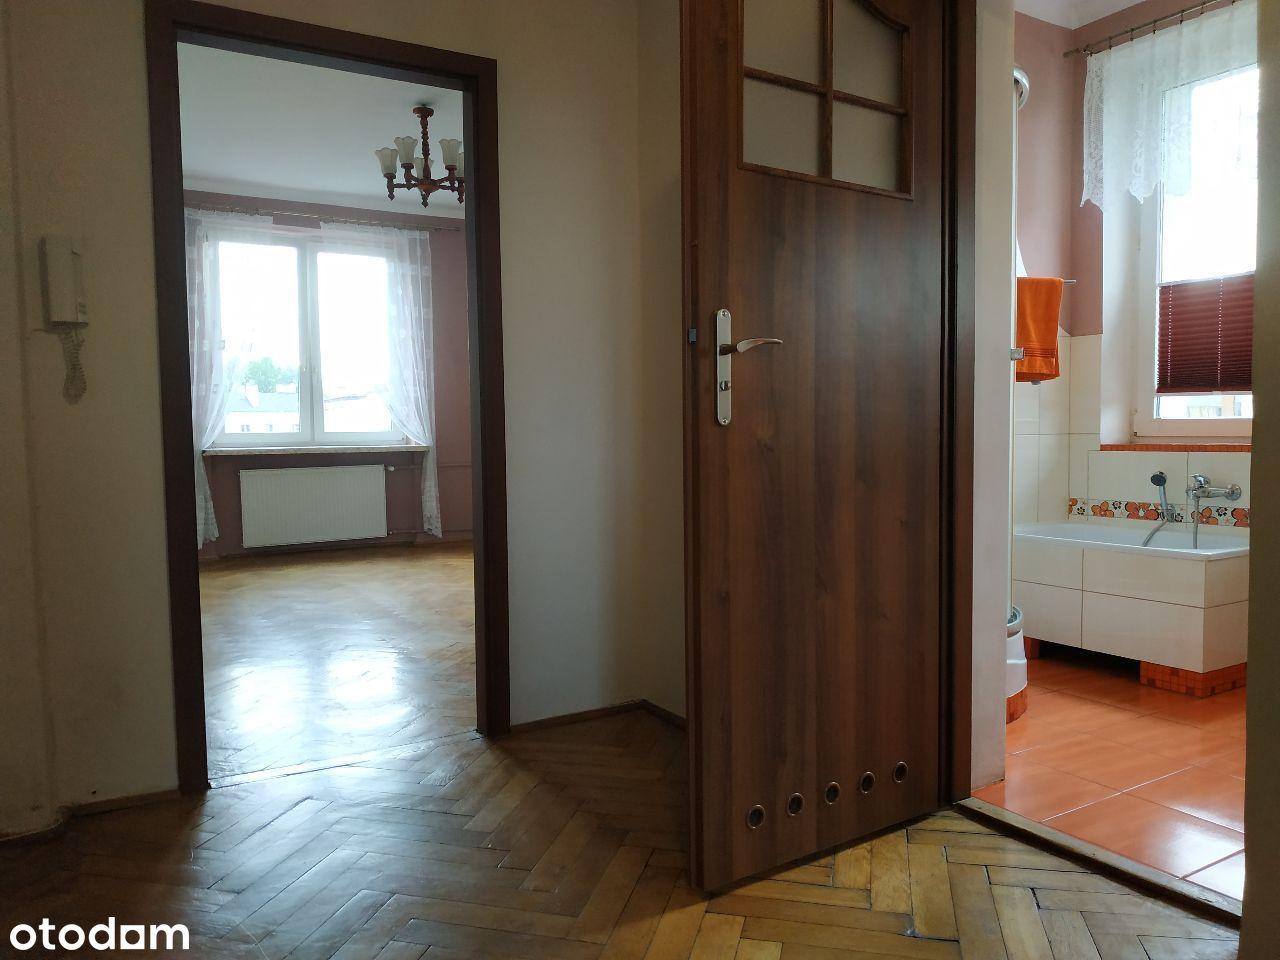 59 m2 Stara Ochota doskonała lokalizacja